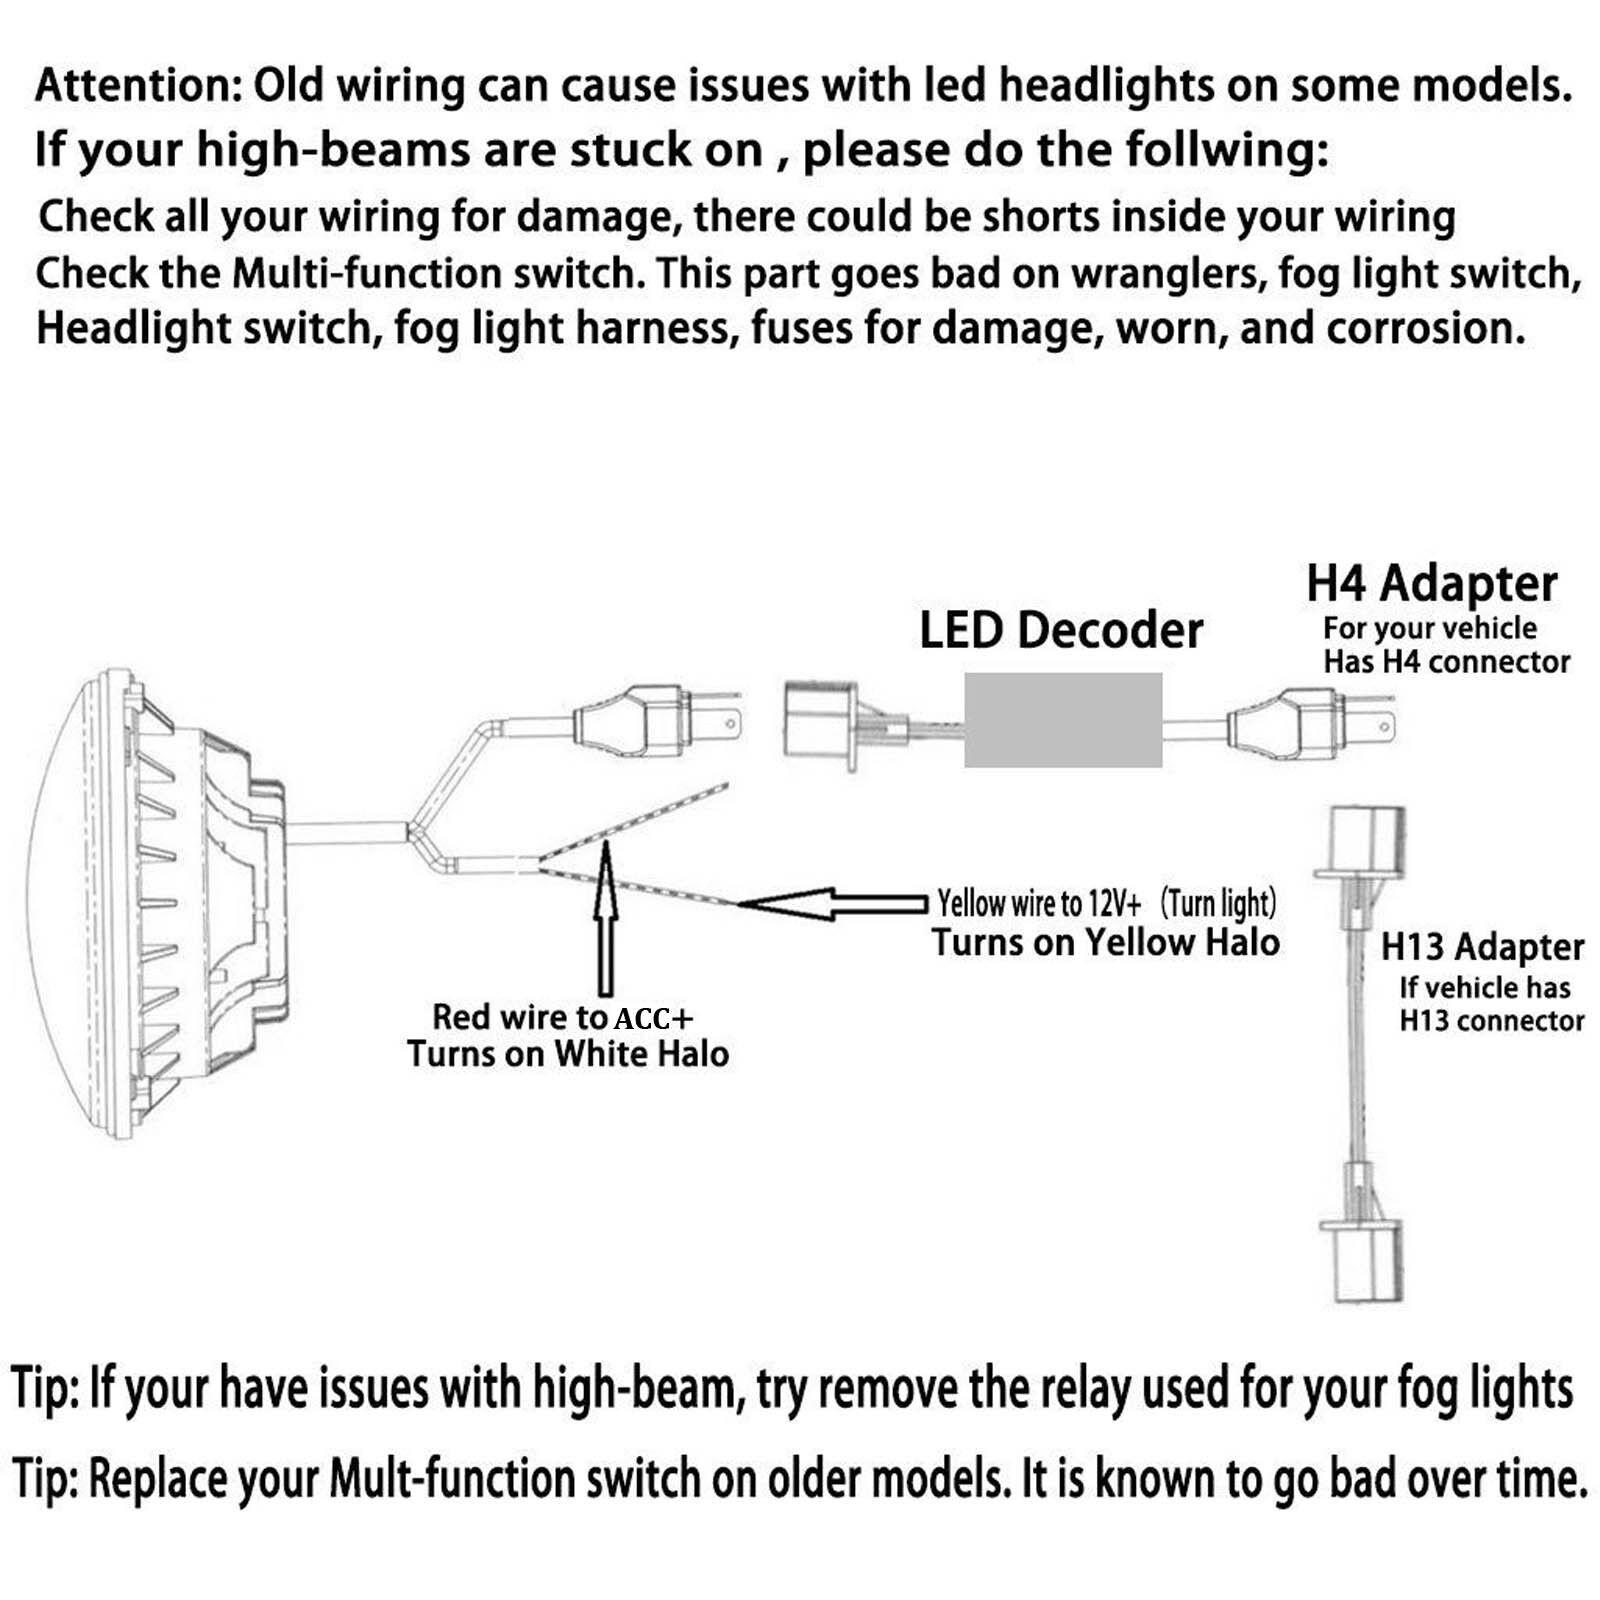 Halo Lighting Wiring Diagram - Wiring Diagram Bookmark on